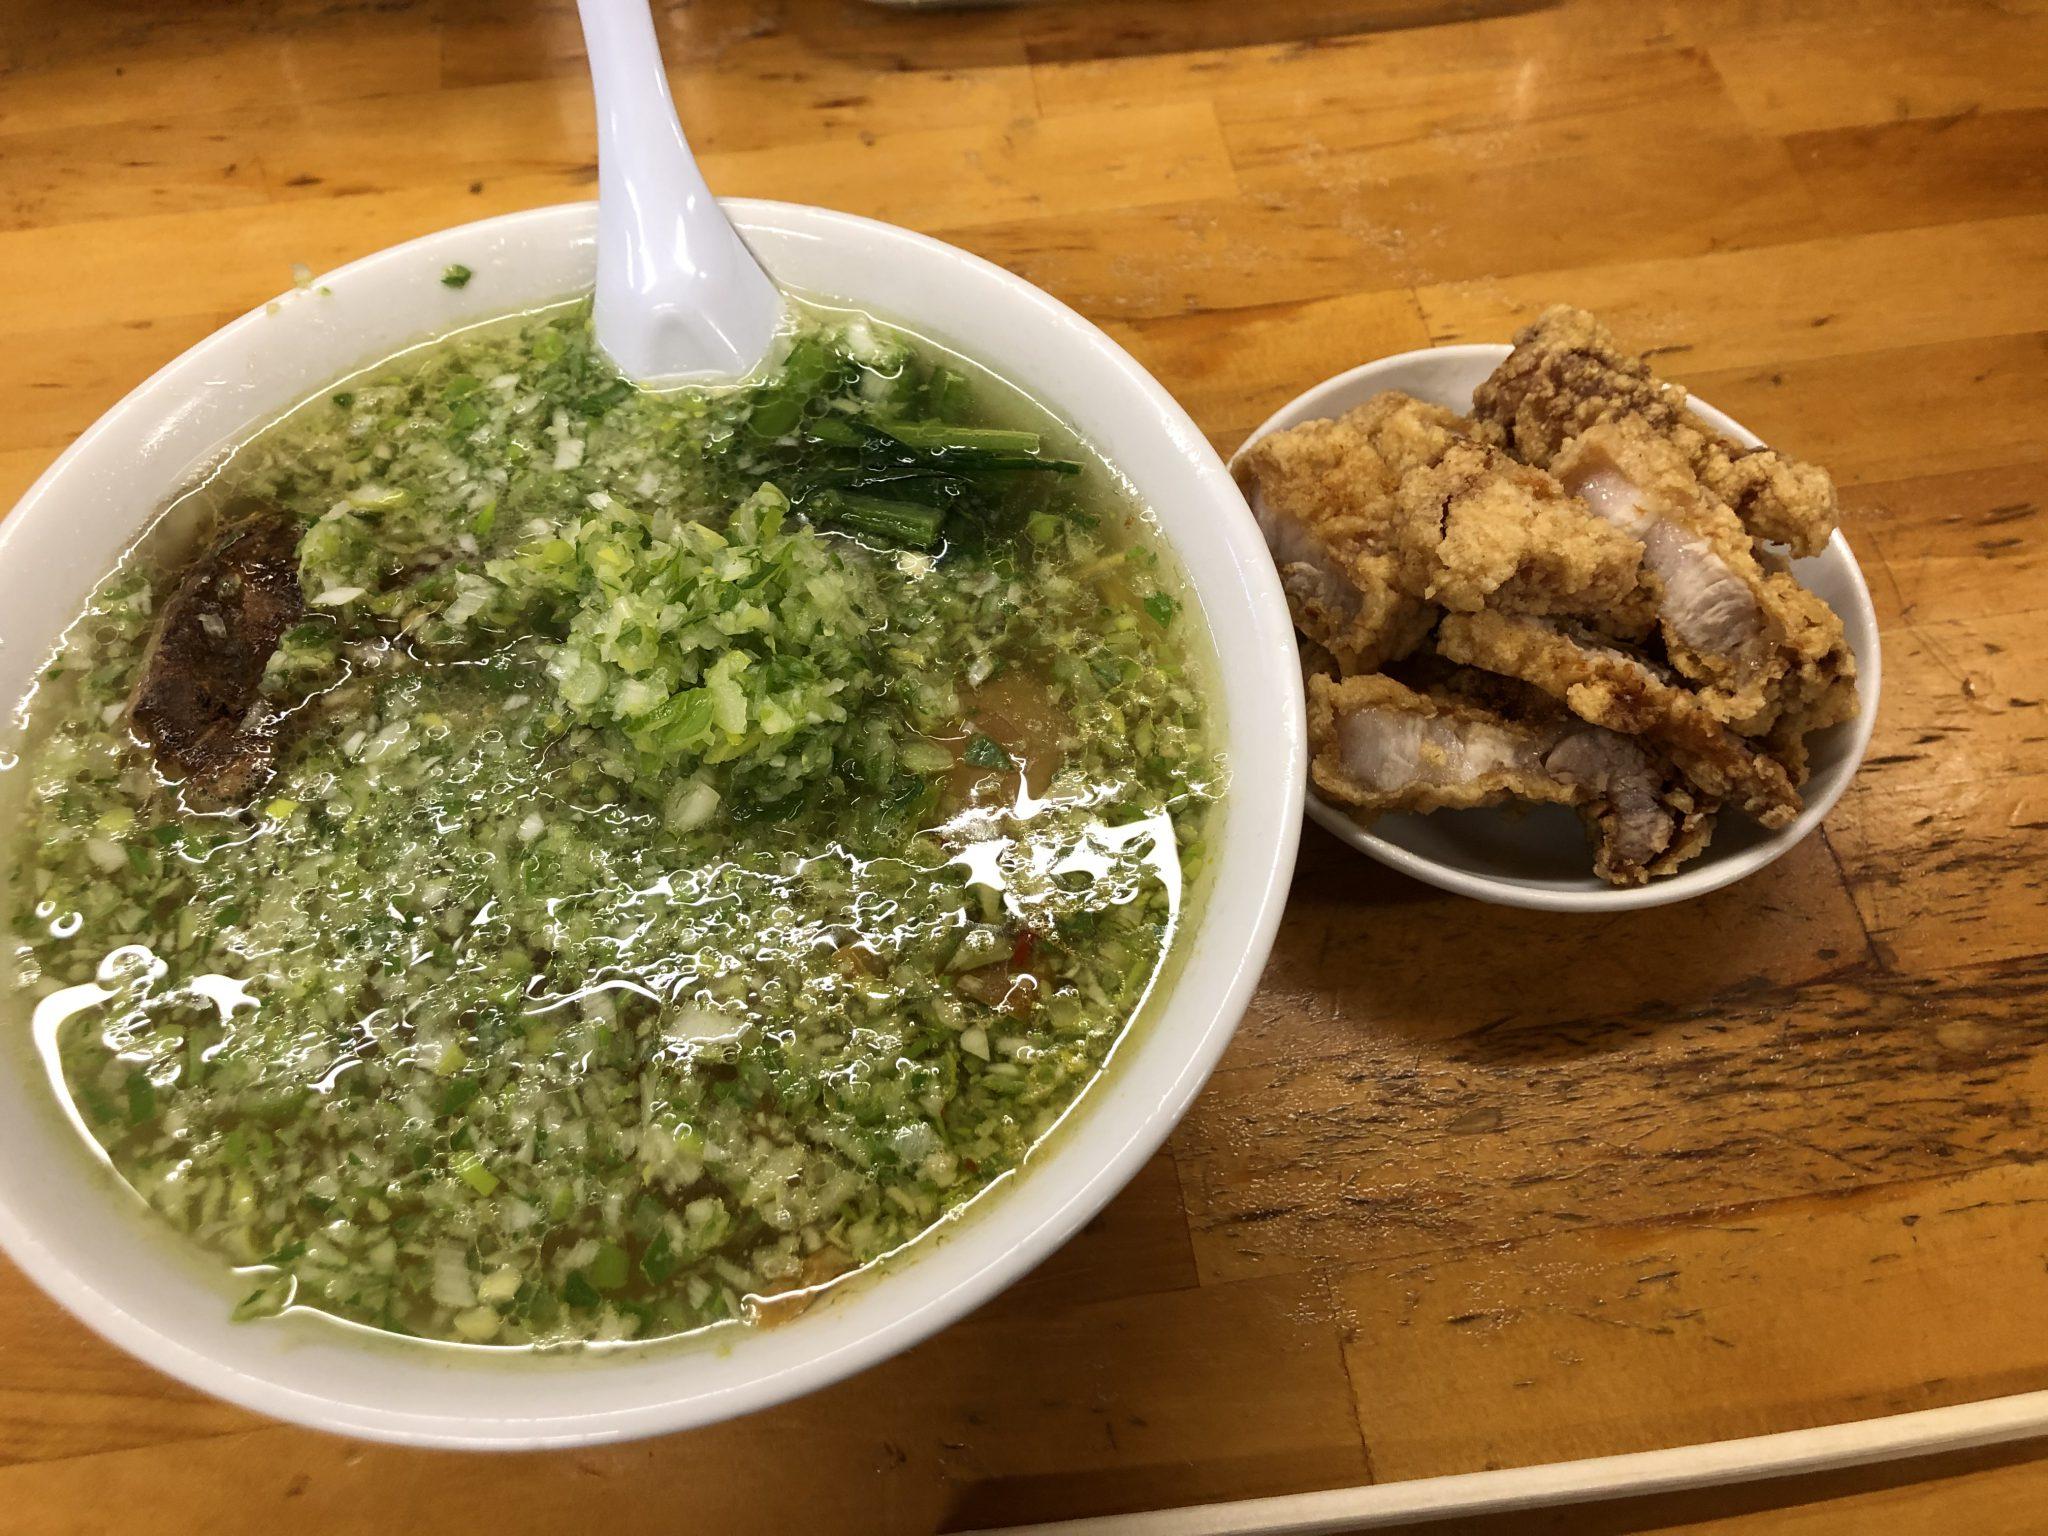 ラーメン珉珉|鐘ヶ淵でラーメンランチ~うまいスープで大量の肉を食べるラーメン。うまい!